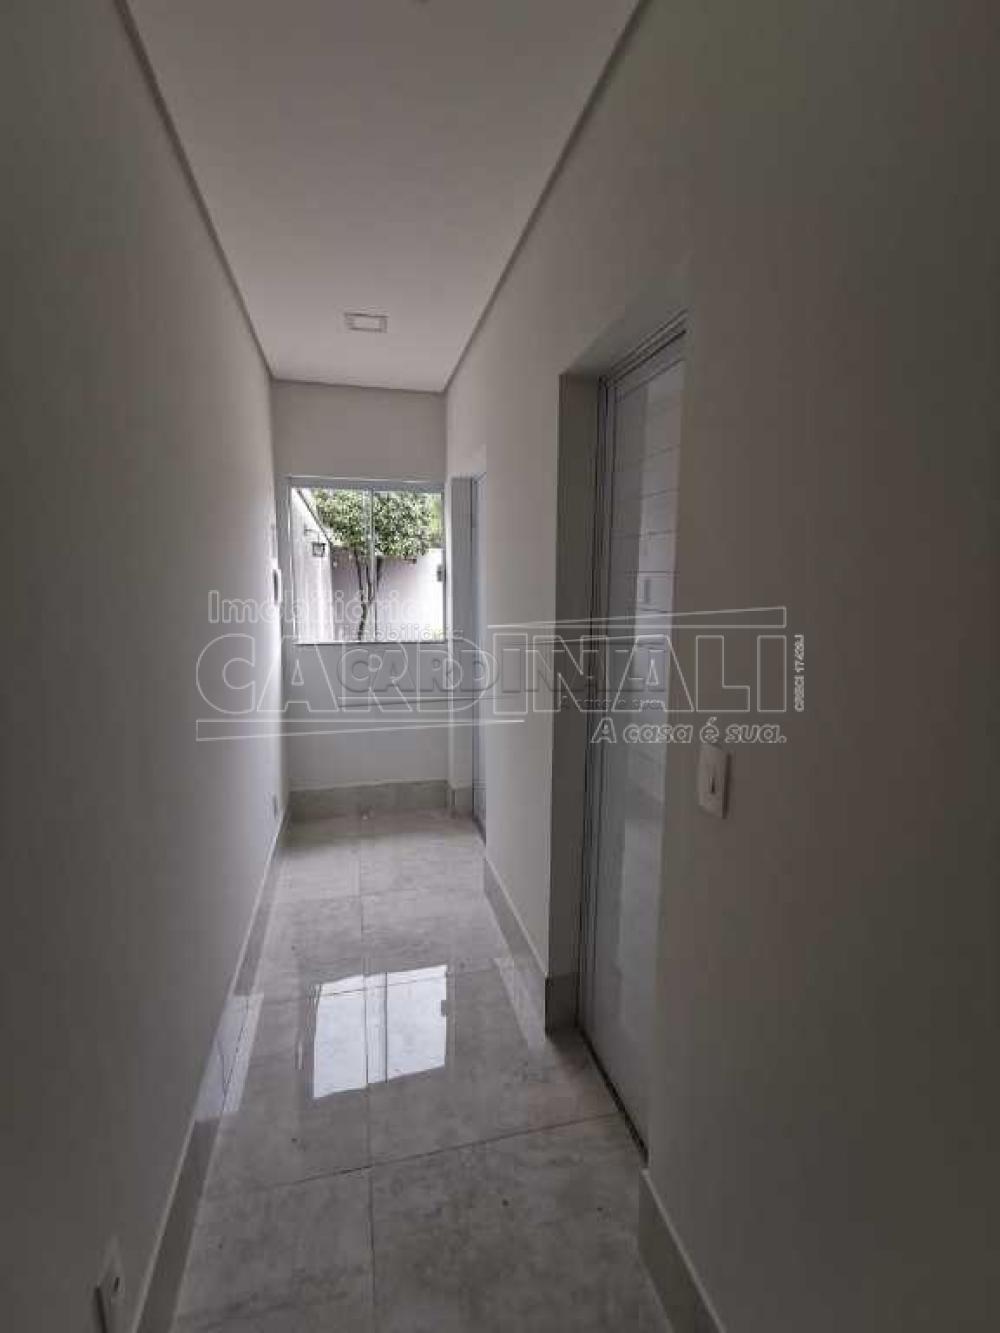 Alugar Comercial / Sala sem Condomínio em Araraquara apenas R$ 1.000,00 - Foto 8